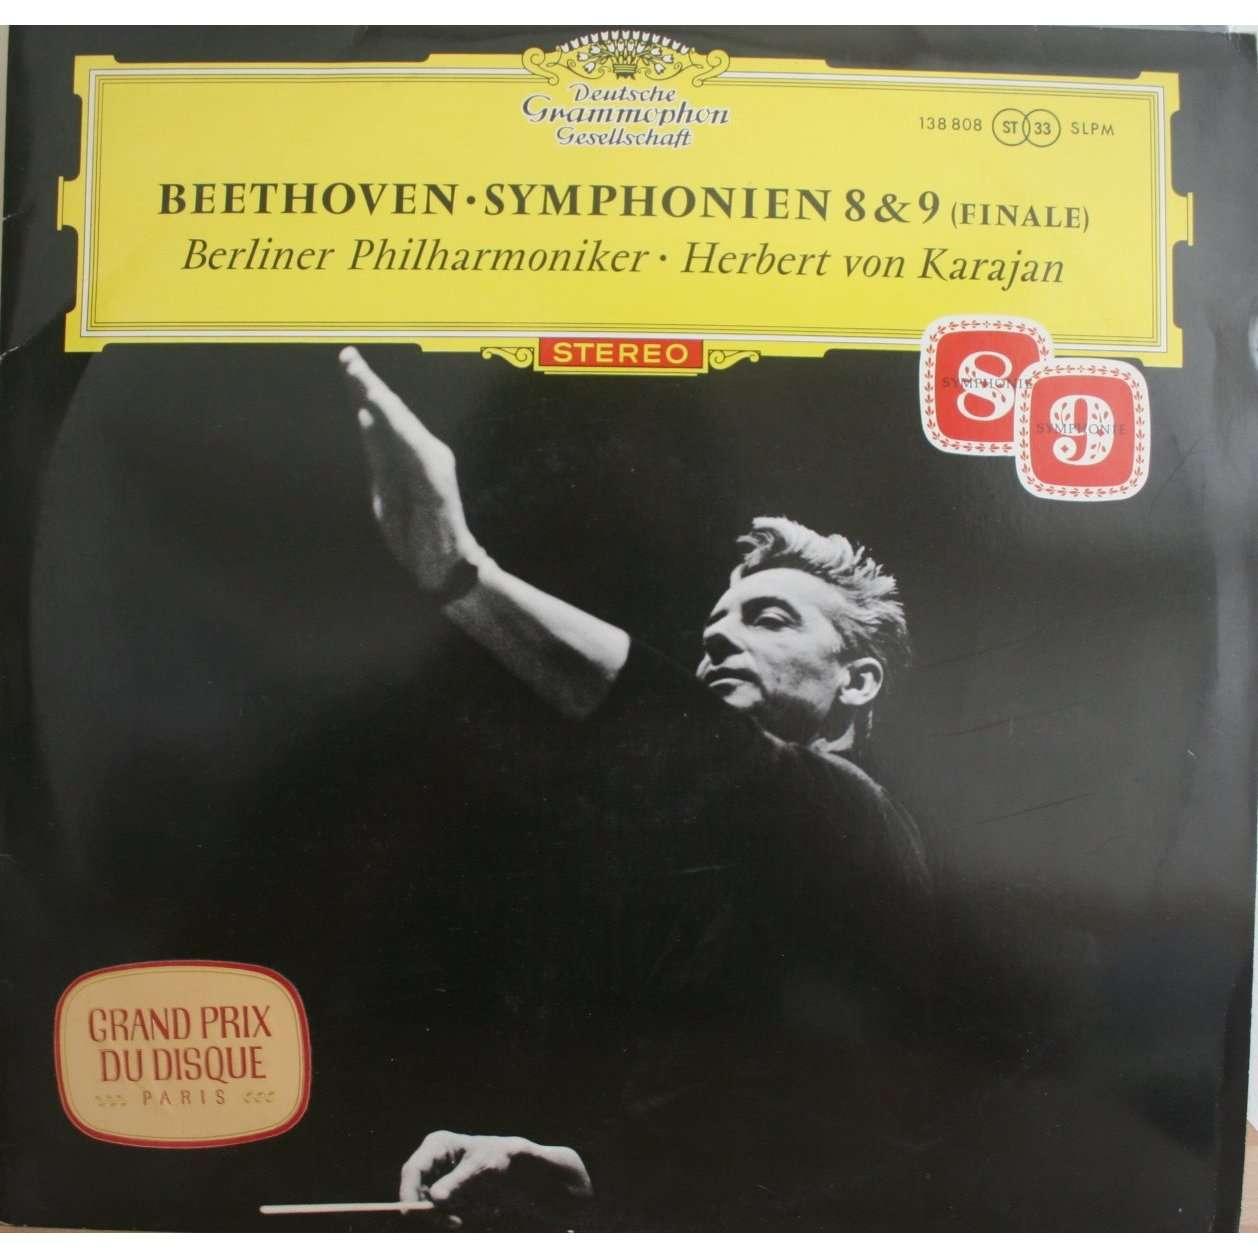 Ludwig van beethoven symphonie 7 mvt 4 - 1 part 2